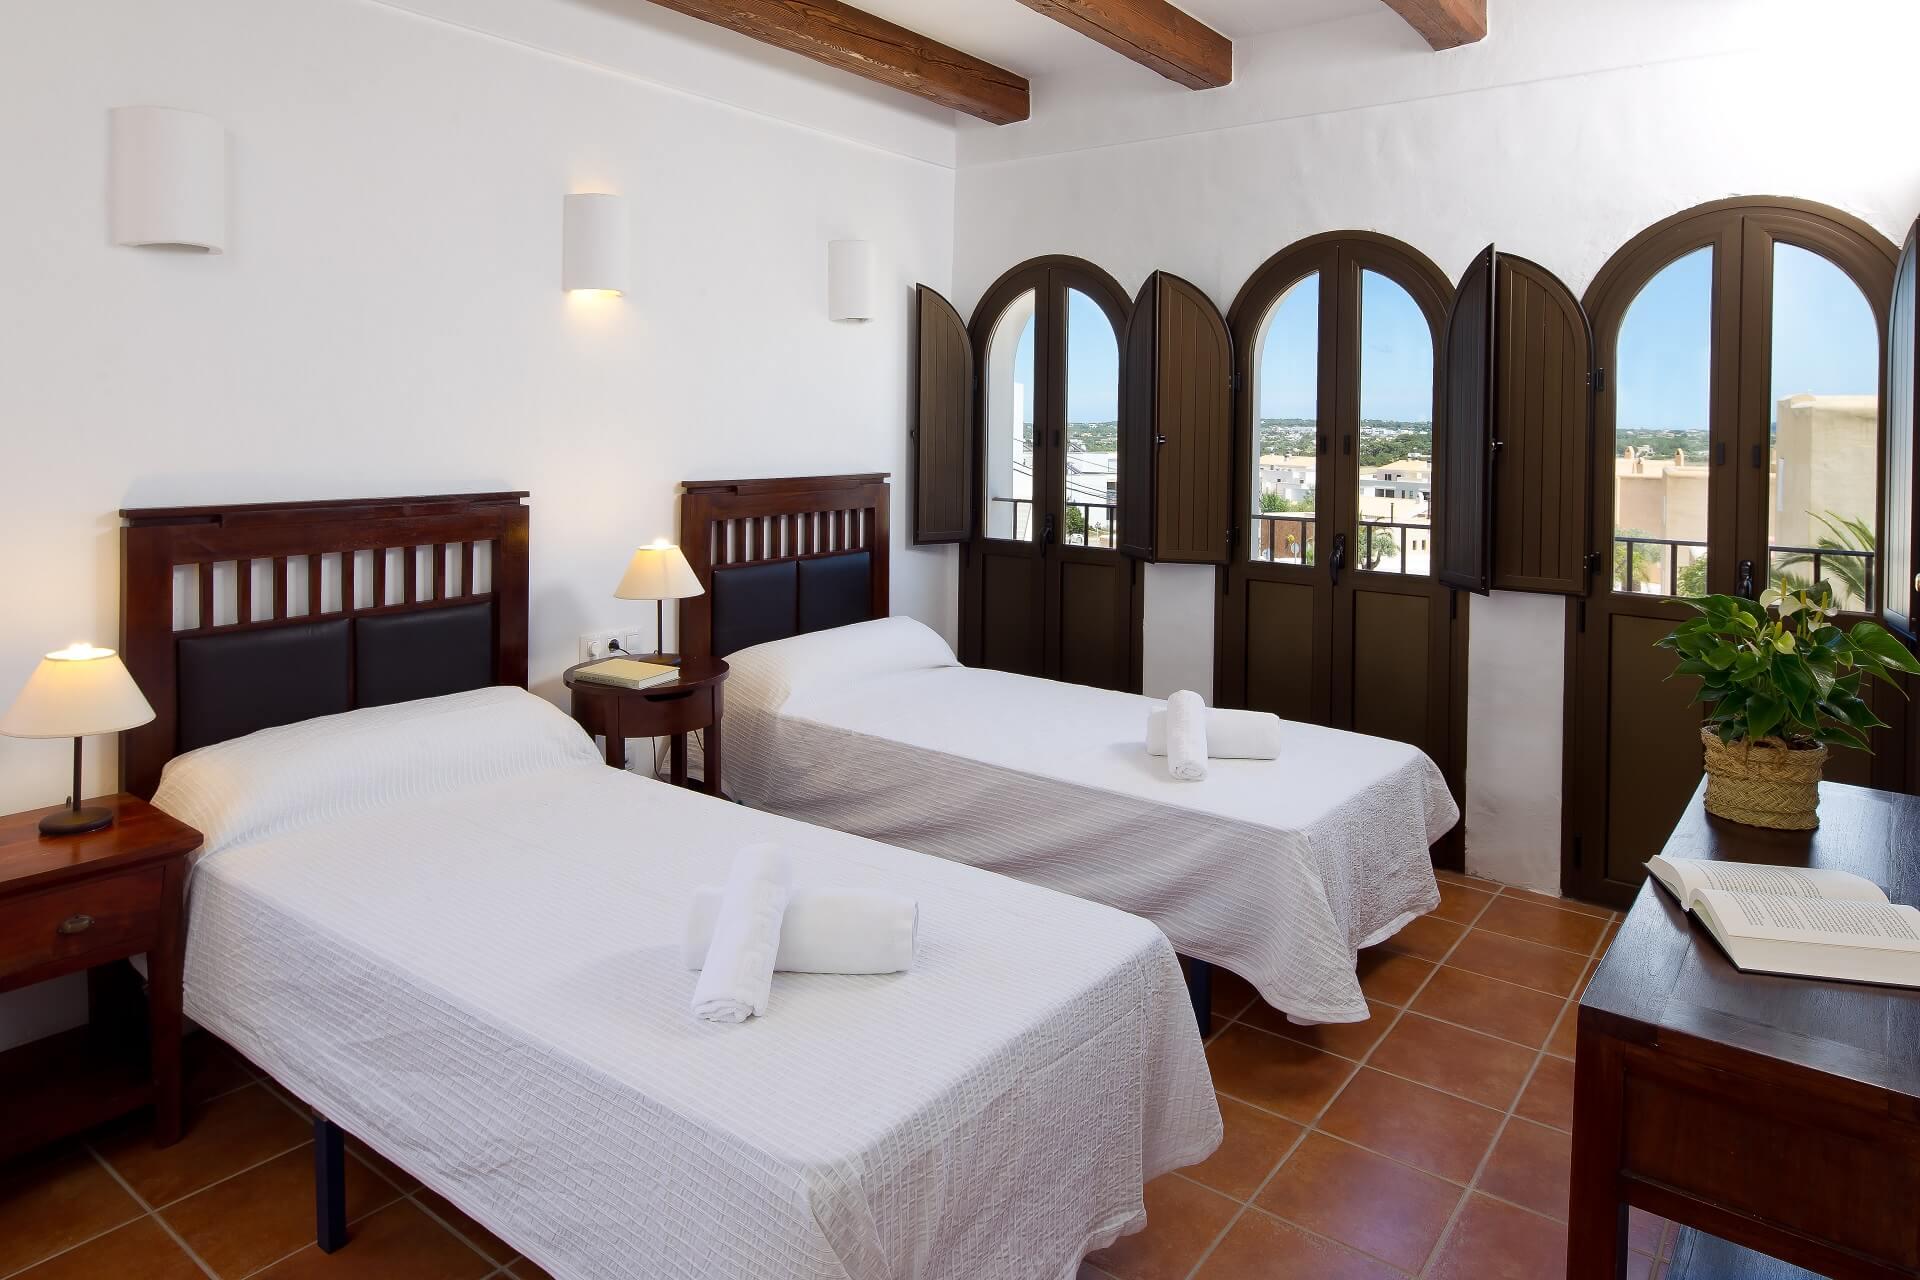 Villa CASES N3 - Bedroom with en suite bathroom